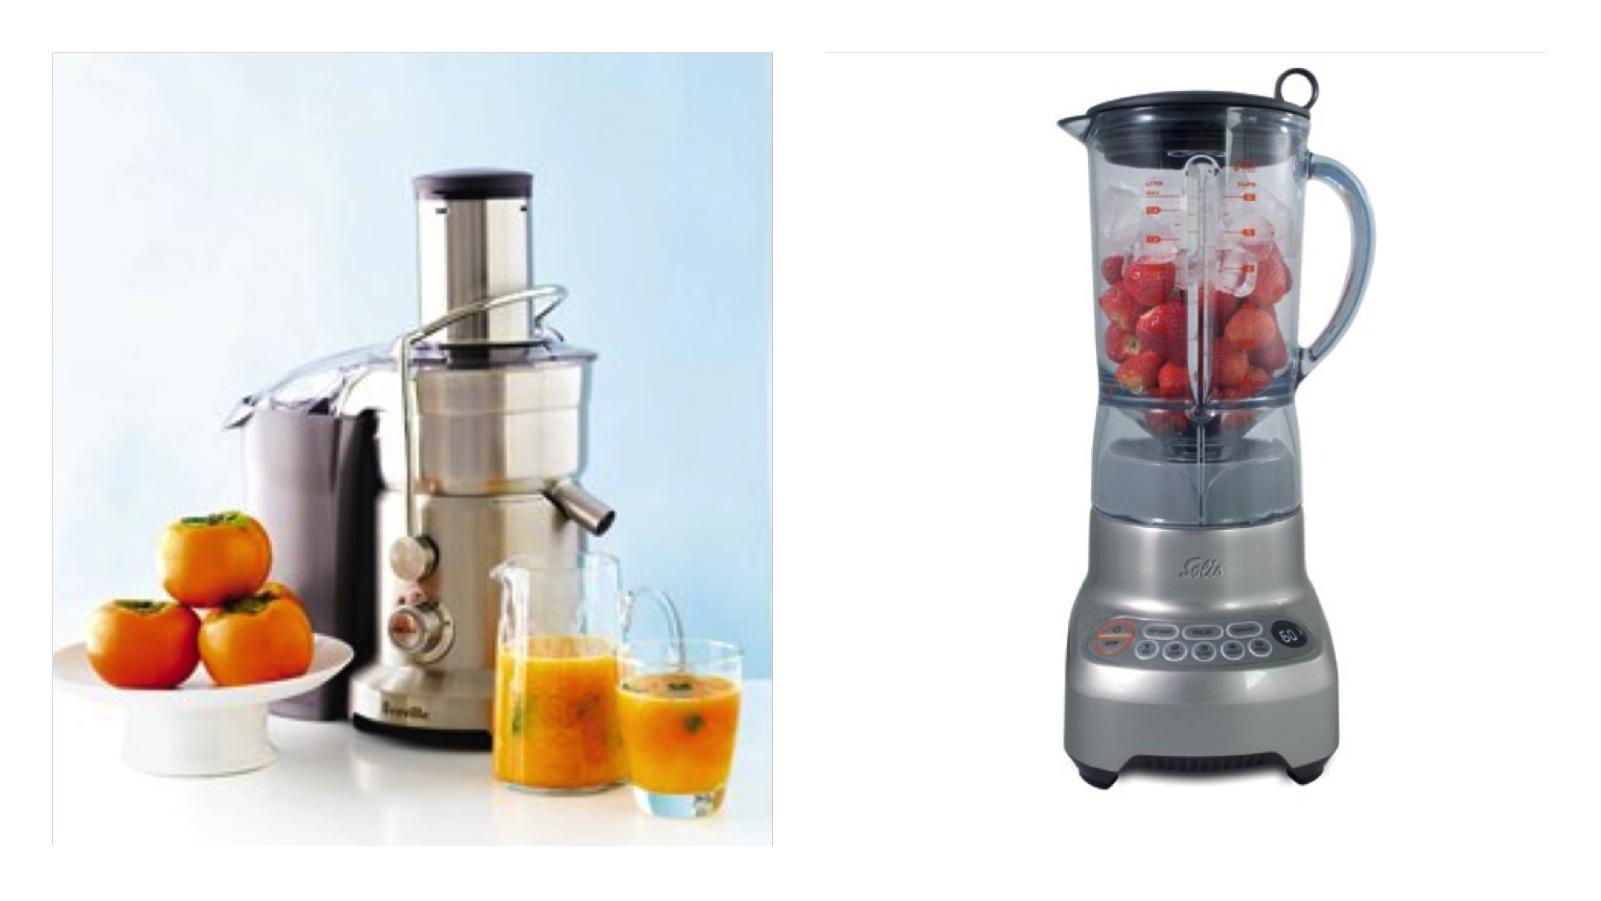 centrifugeren, blenden of slowjuicen